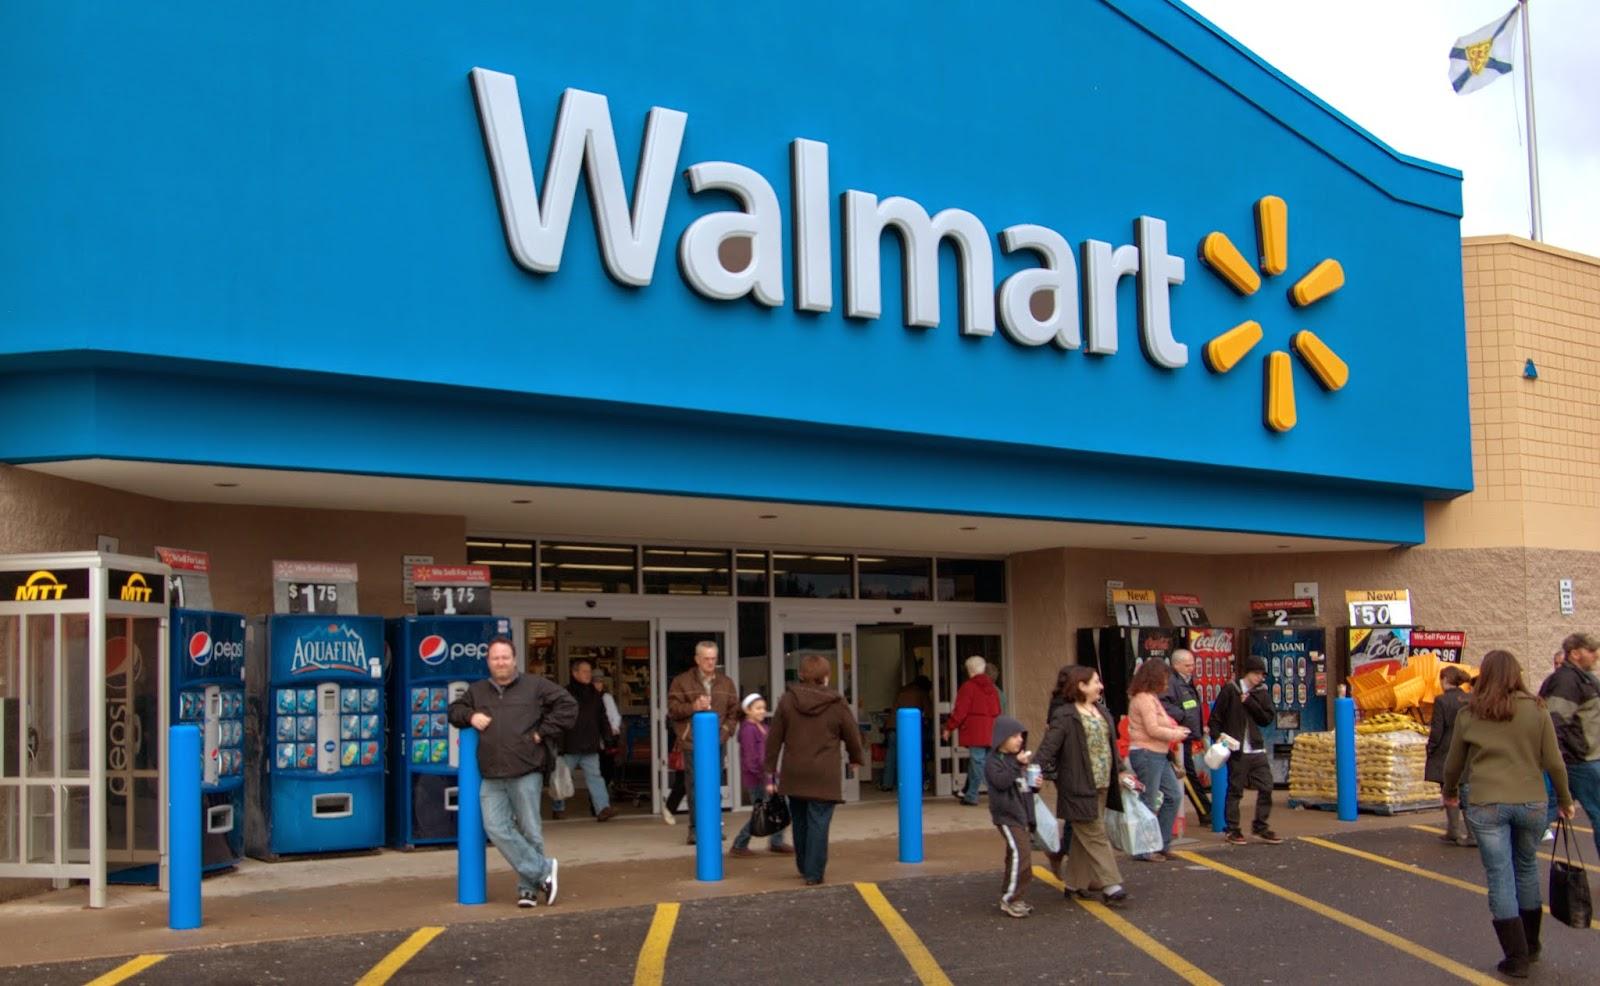 E-Ticaret'e Yenilen Walmart 269 Mağazasını Kapatıyor